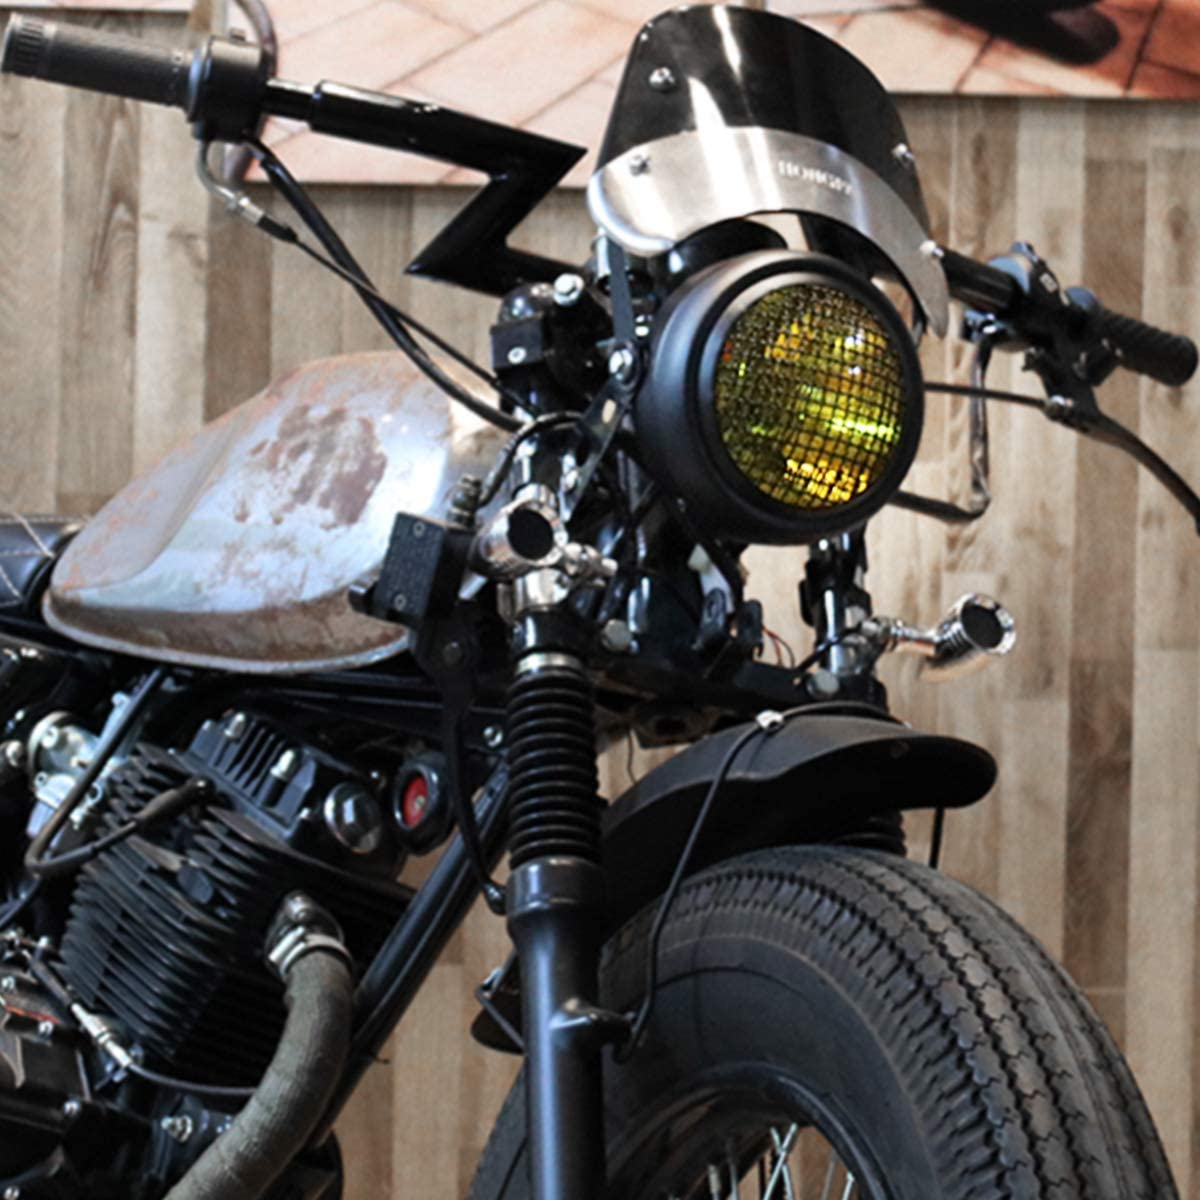 KATUR Phare Halog/èNe 12V Universel Moto R/éTro Balle Maille Gril Couverture Avant Montage Lat/éRal Phare pour Harley Honda Suzuki V/éLos Croiseurs Chopper Bobber Cafe Racer Lentille Blanche